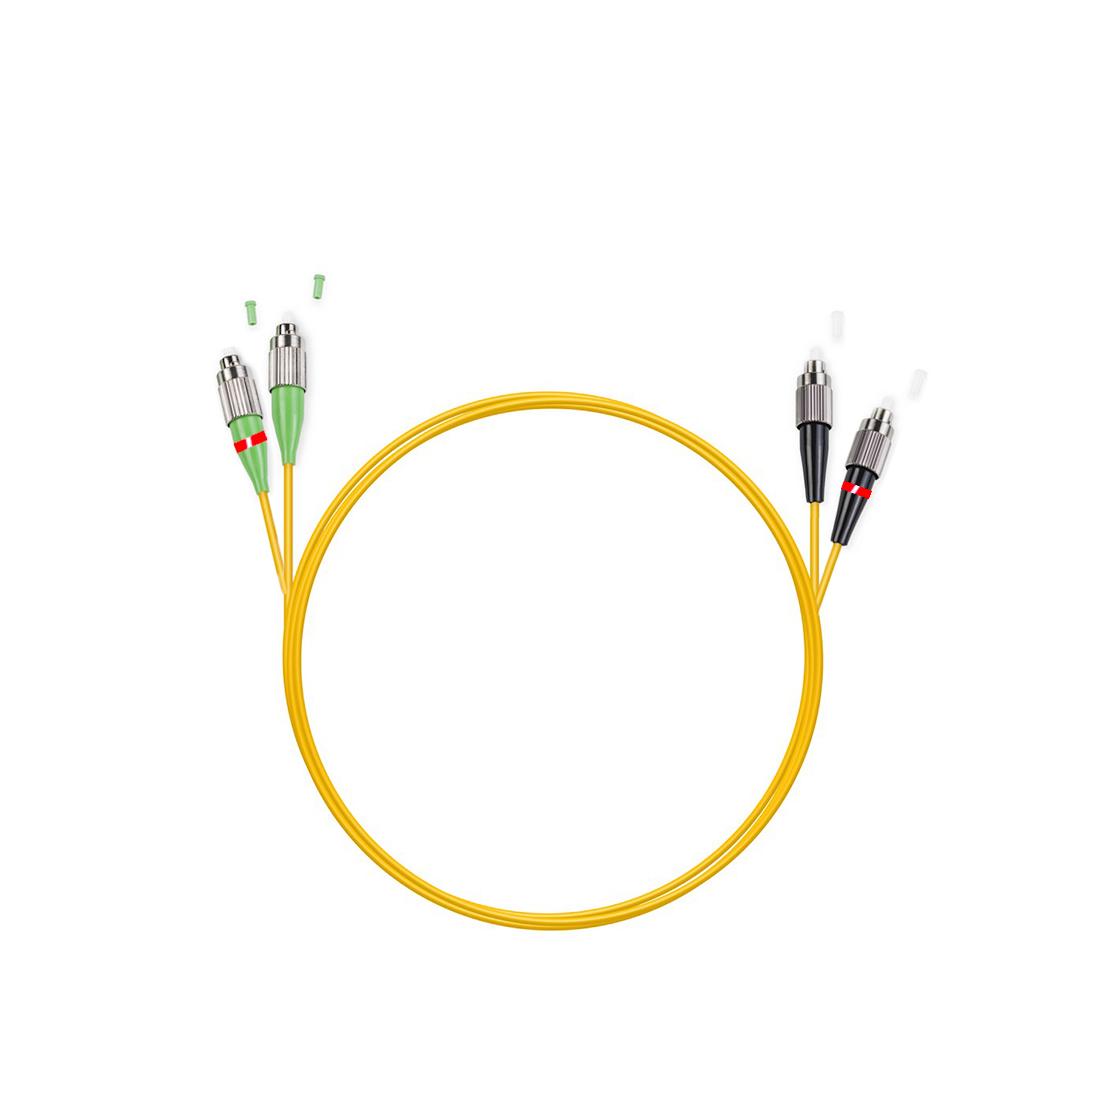 Патч Корд Оптоволоконный FC / UPC-FC / APC SM 9 / 125 Duplex 2.0мм 1 м